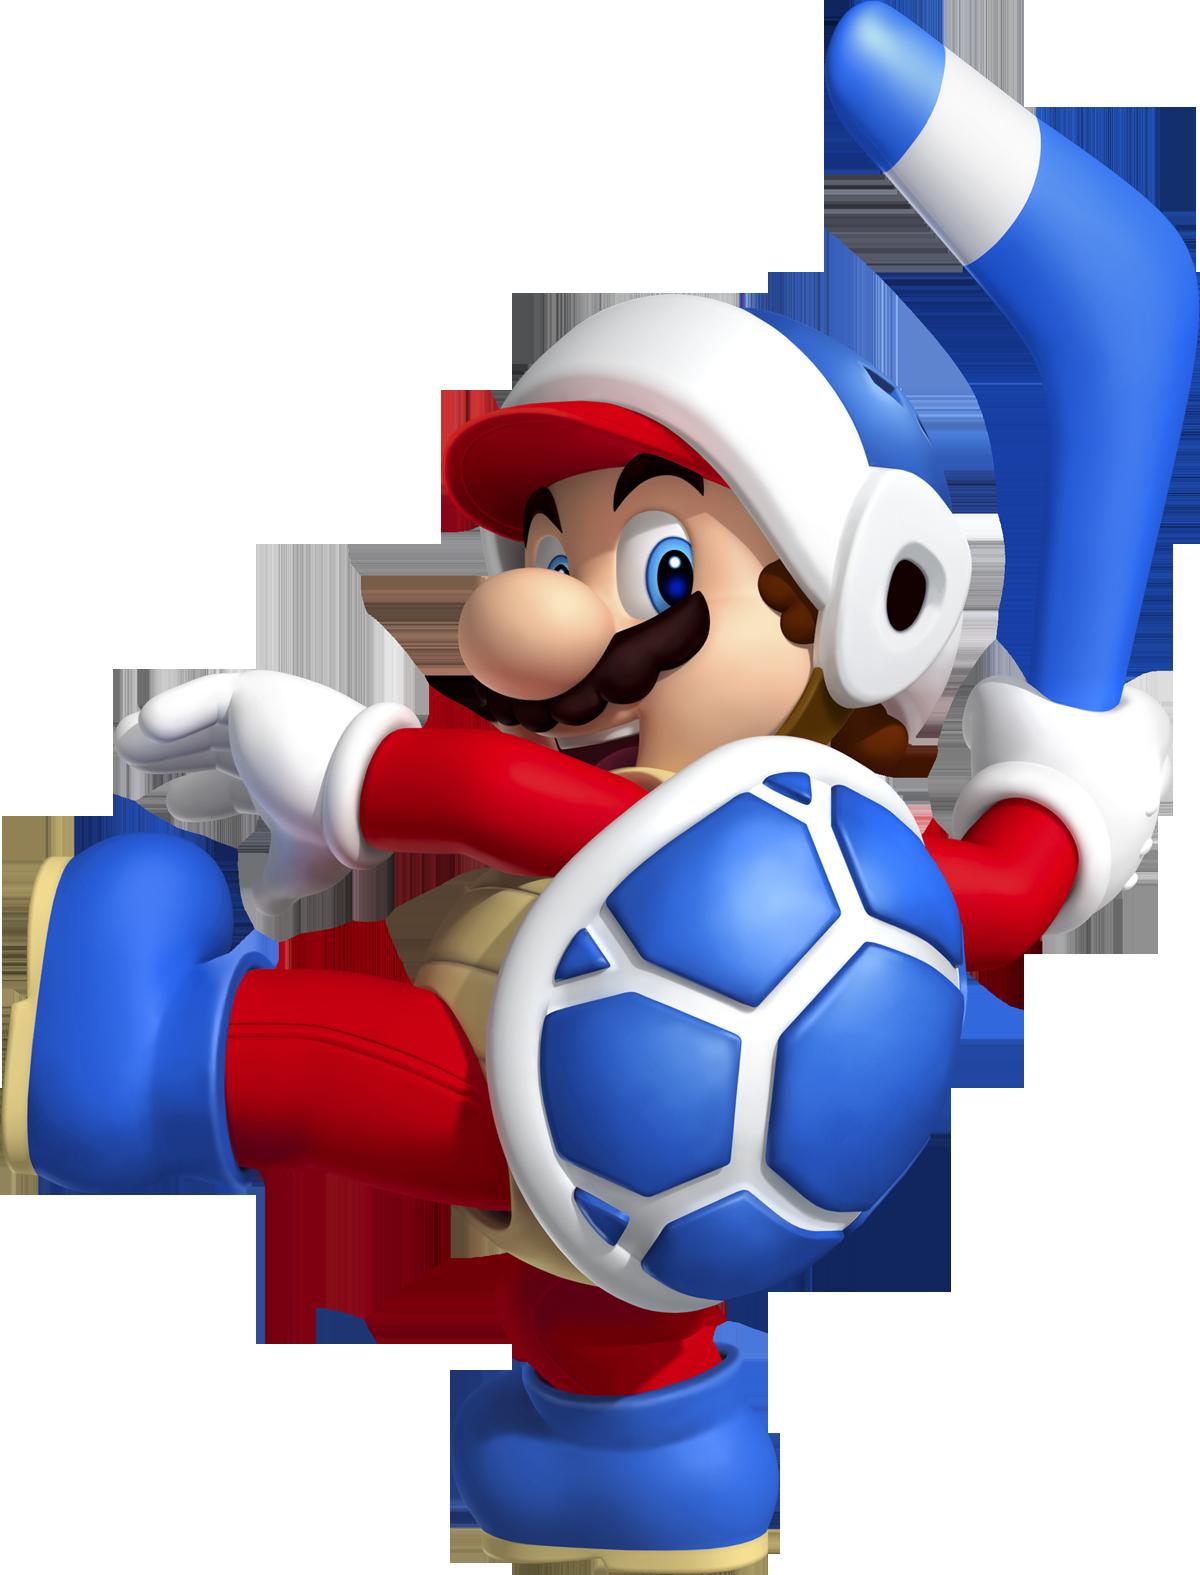 El armario de Mario: Los 12 trajes del héroe - HobbyConsolas Juegos